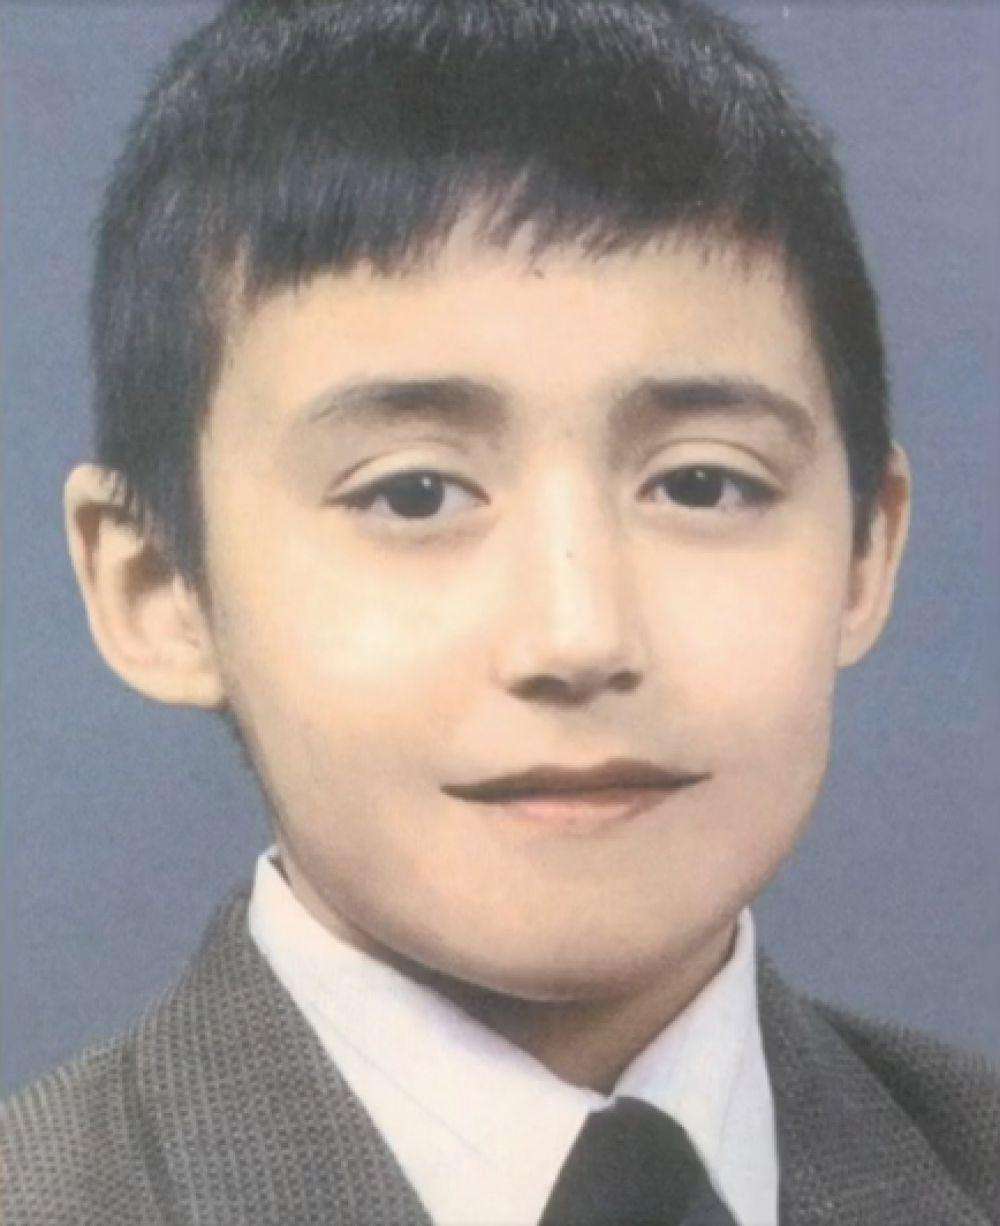 Ильдар Асылгужин, 14 лет.